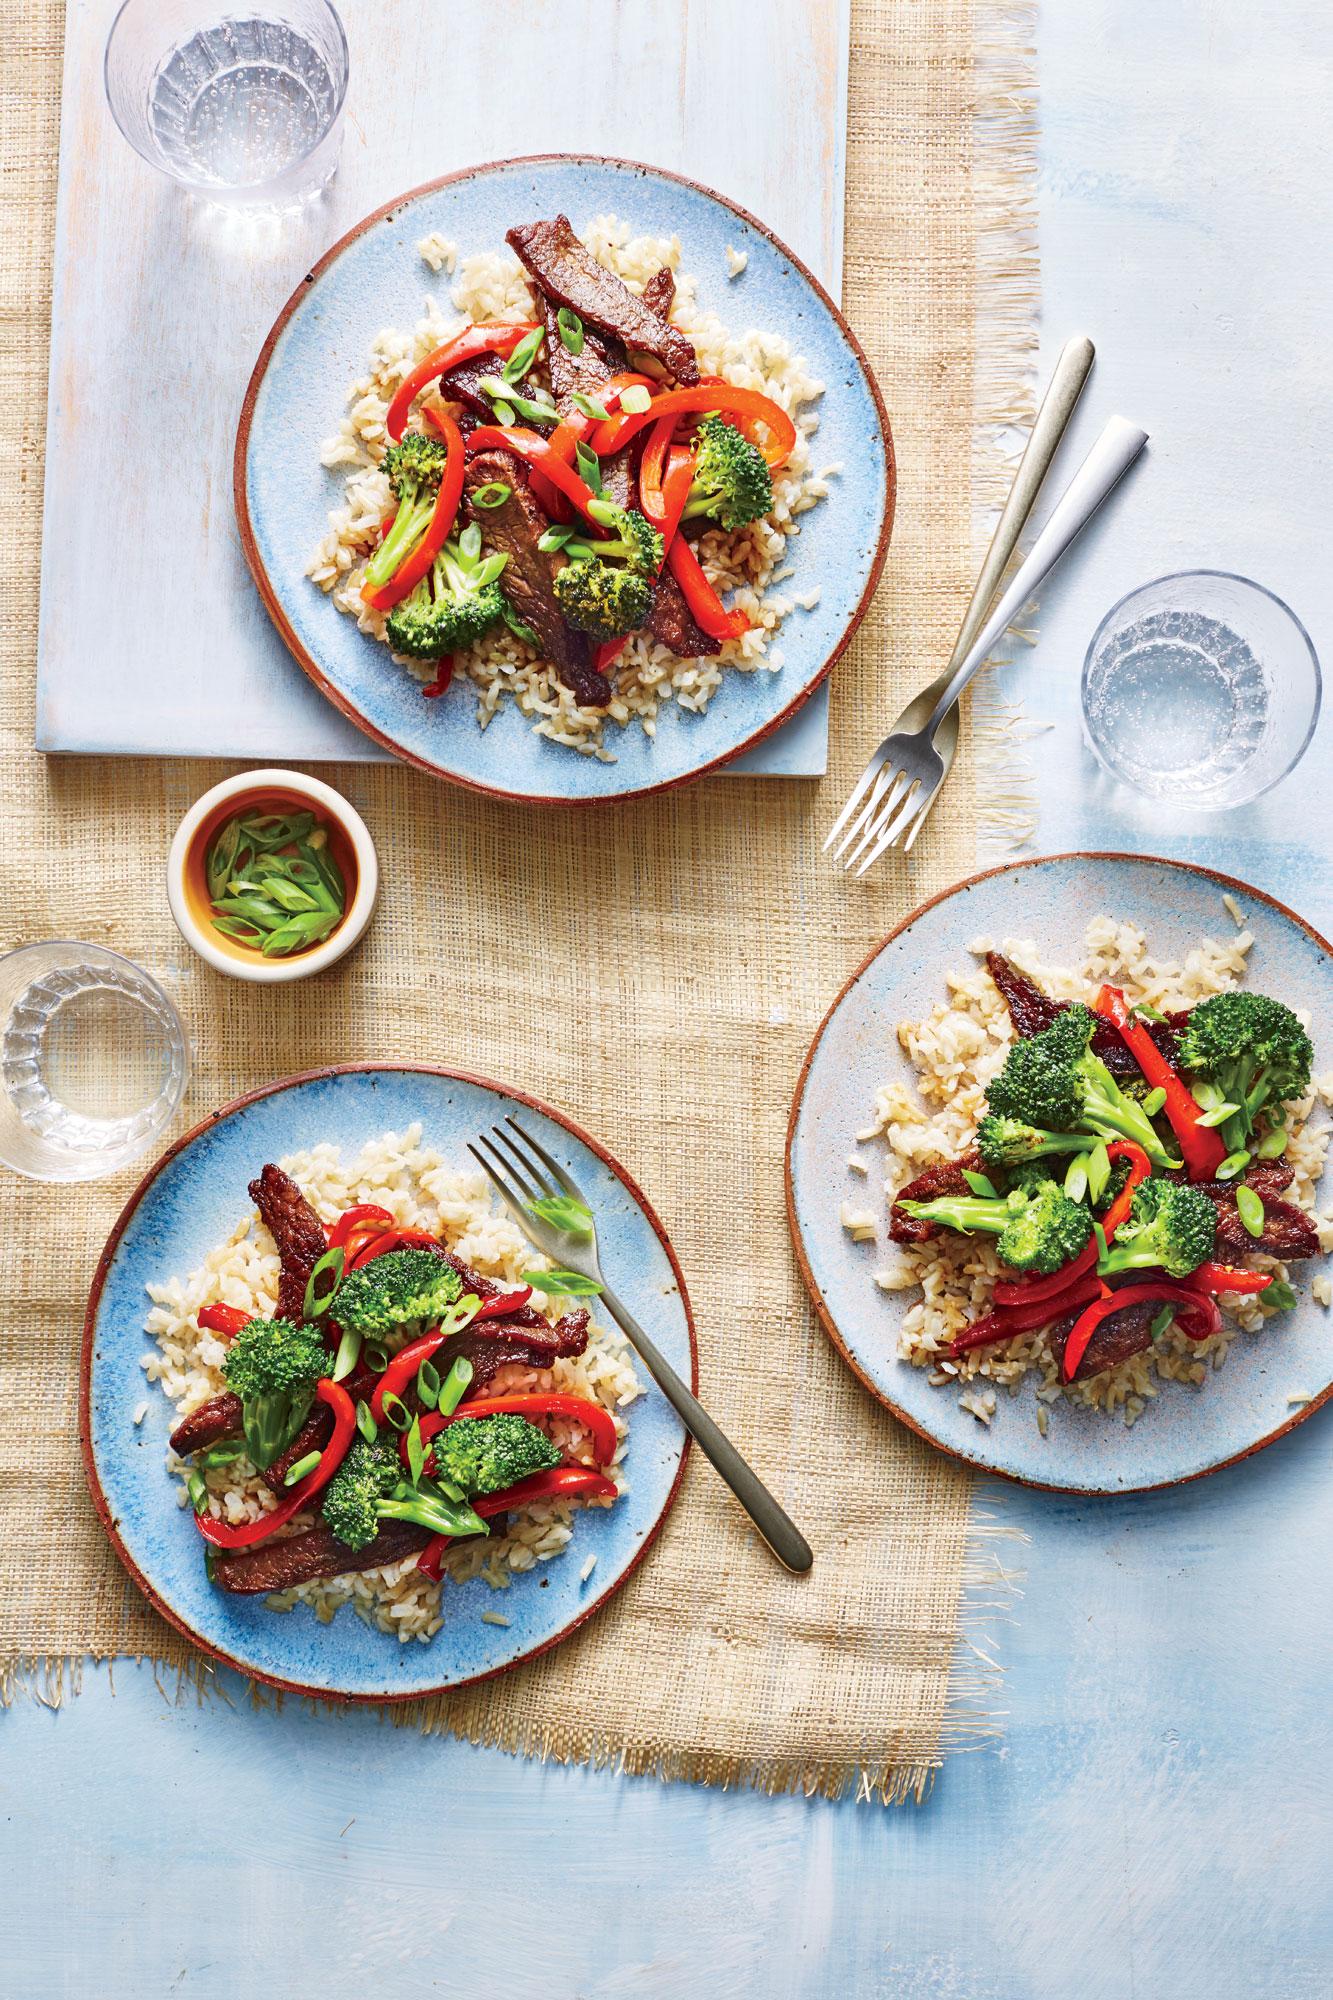 ck- Quick Mongolian Beef Stir-Fry